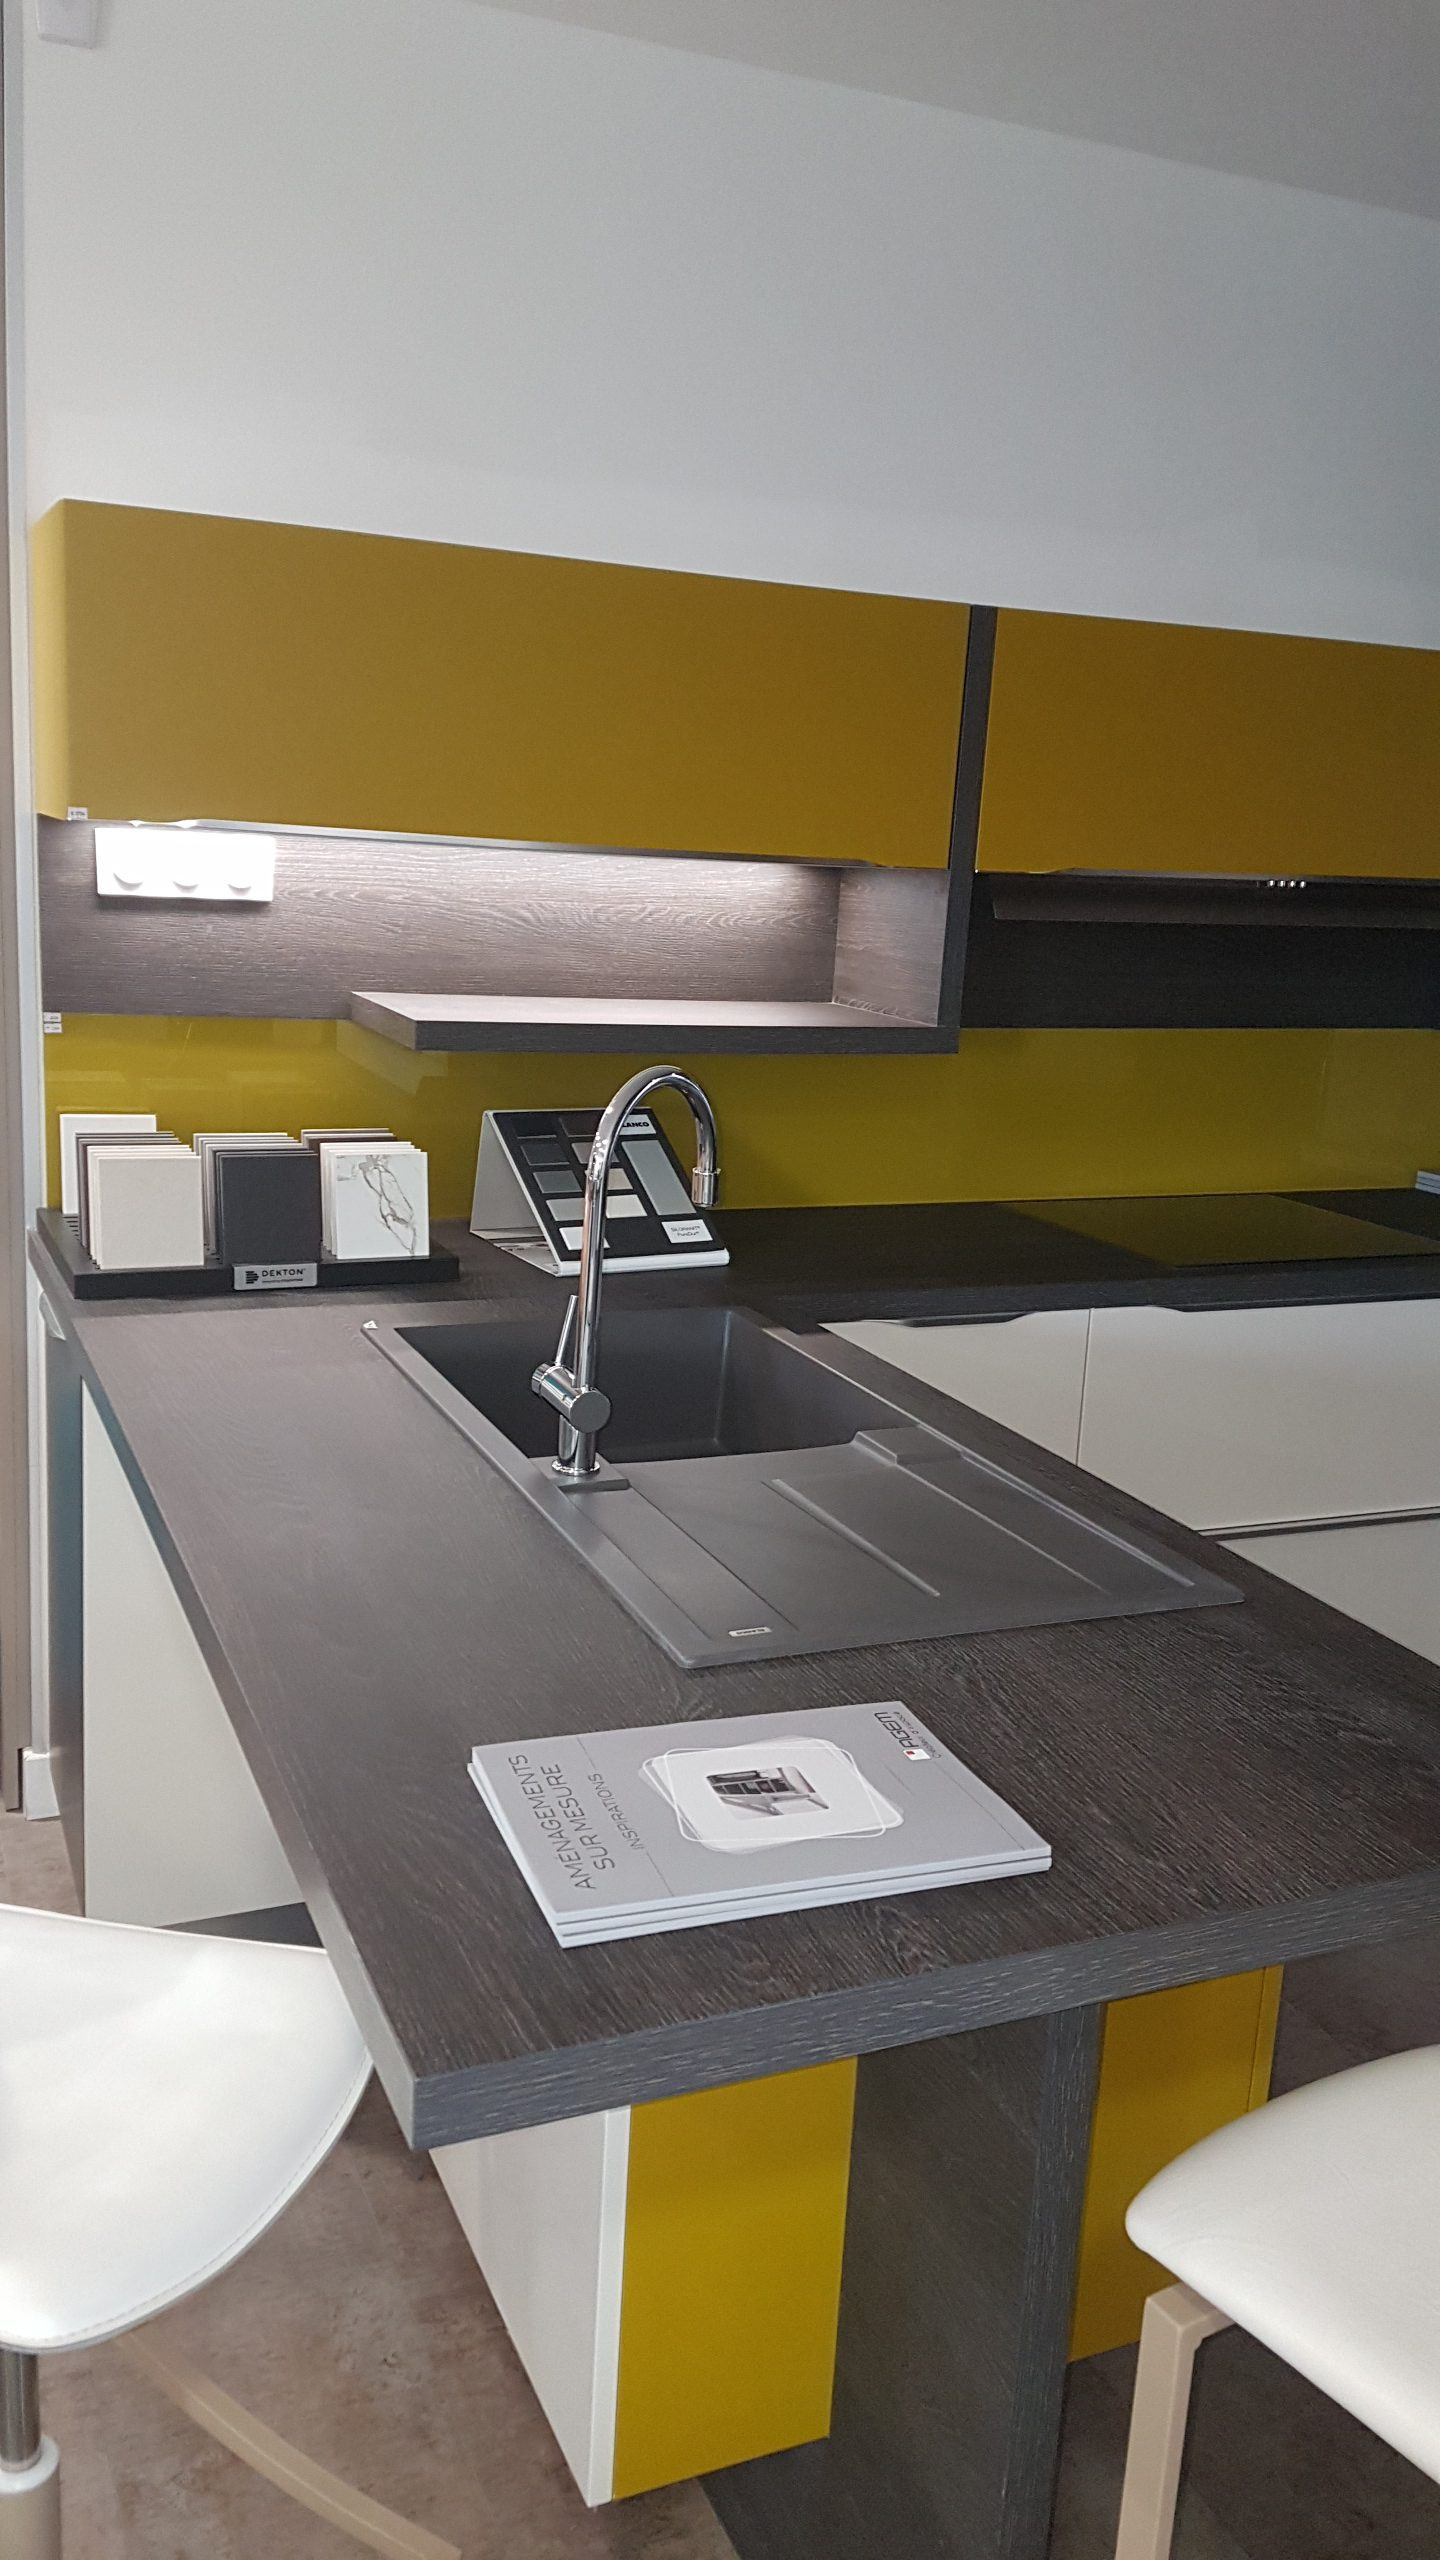 Cuisine jaune vert equipee kitchenaid conception et for Cuisine equipee verte